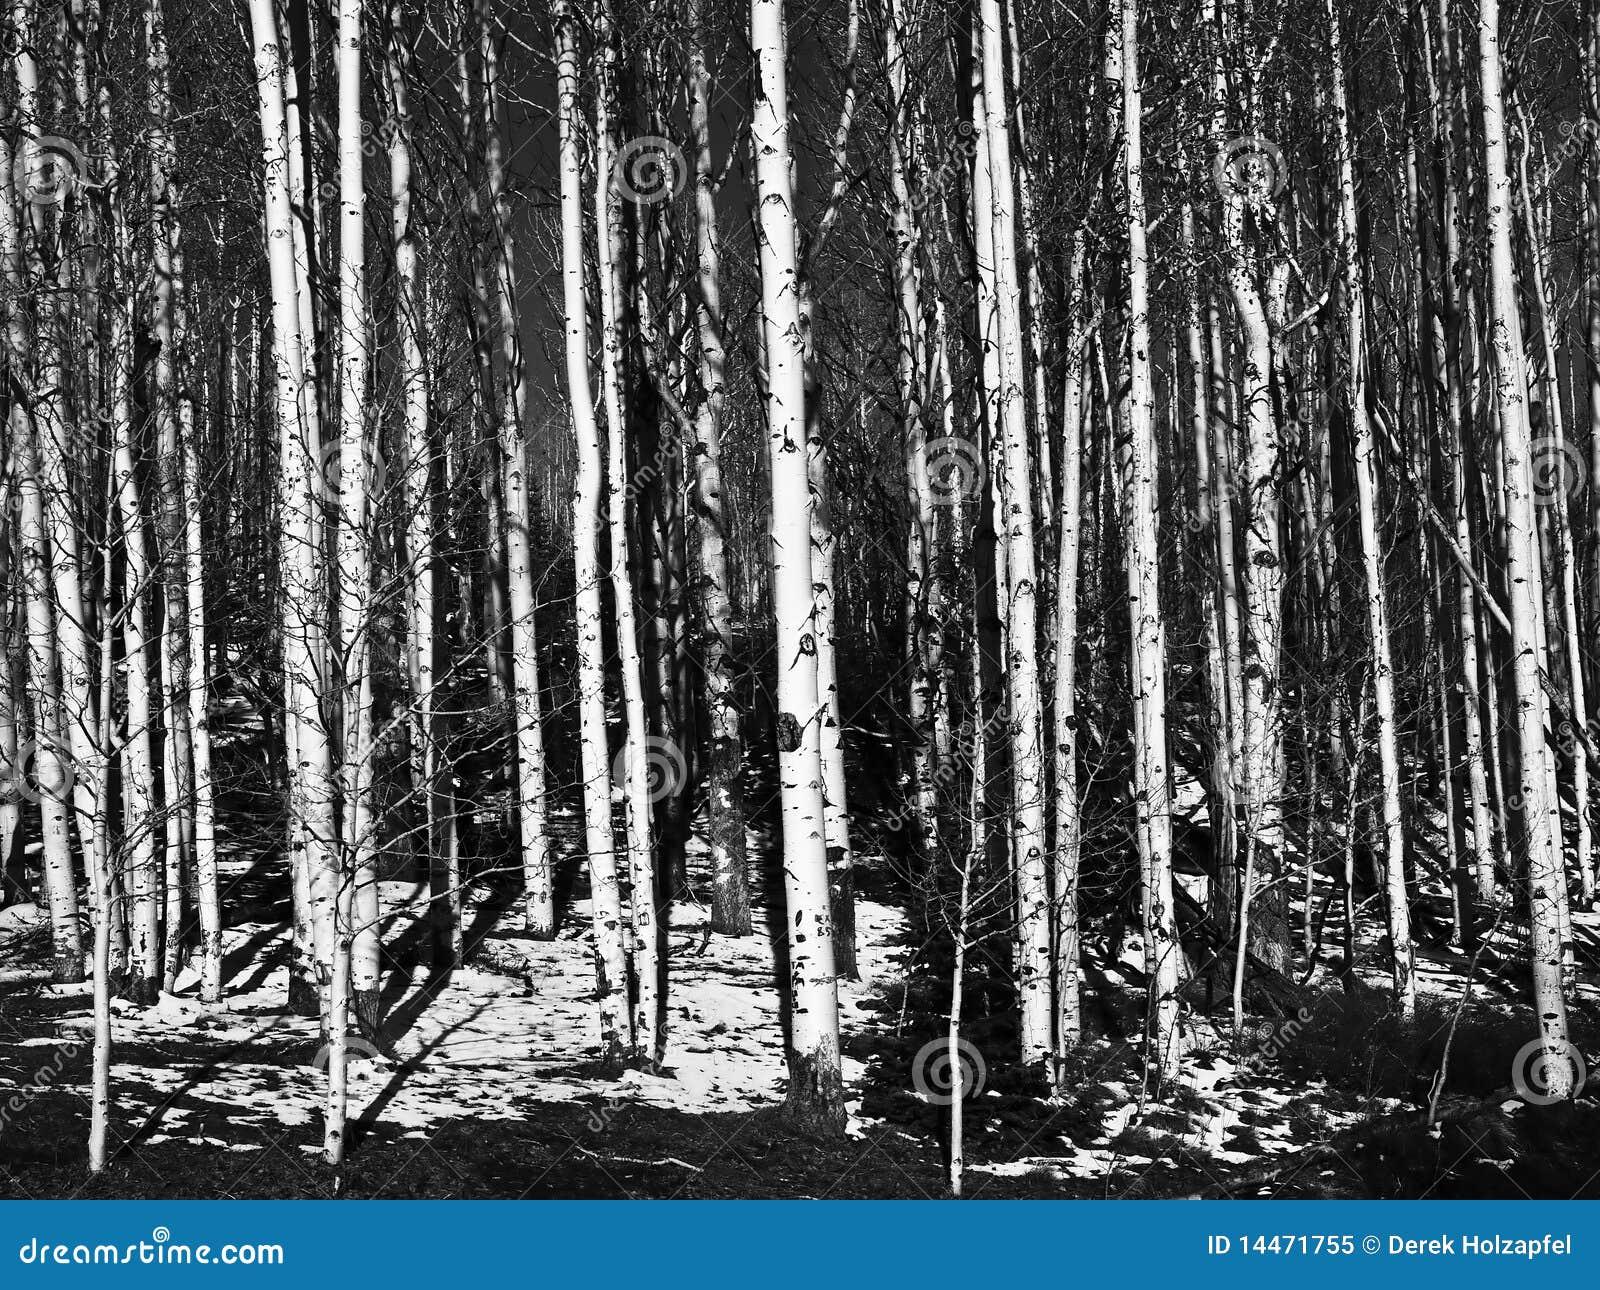 Aspen-Baum-Kabel in Schwarzweiss